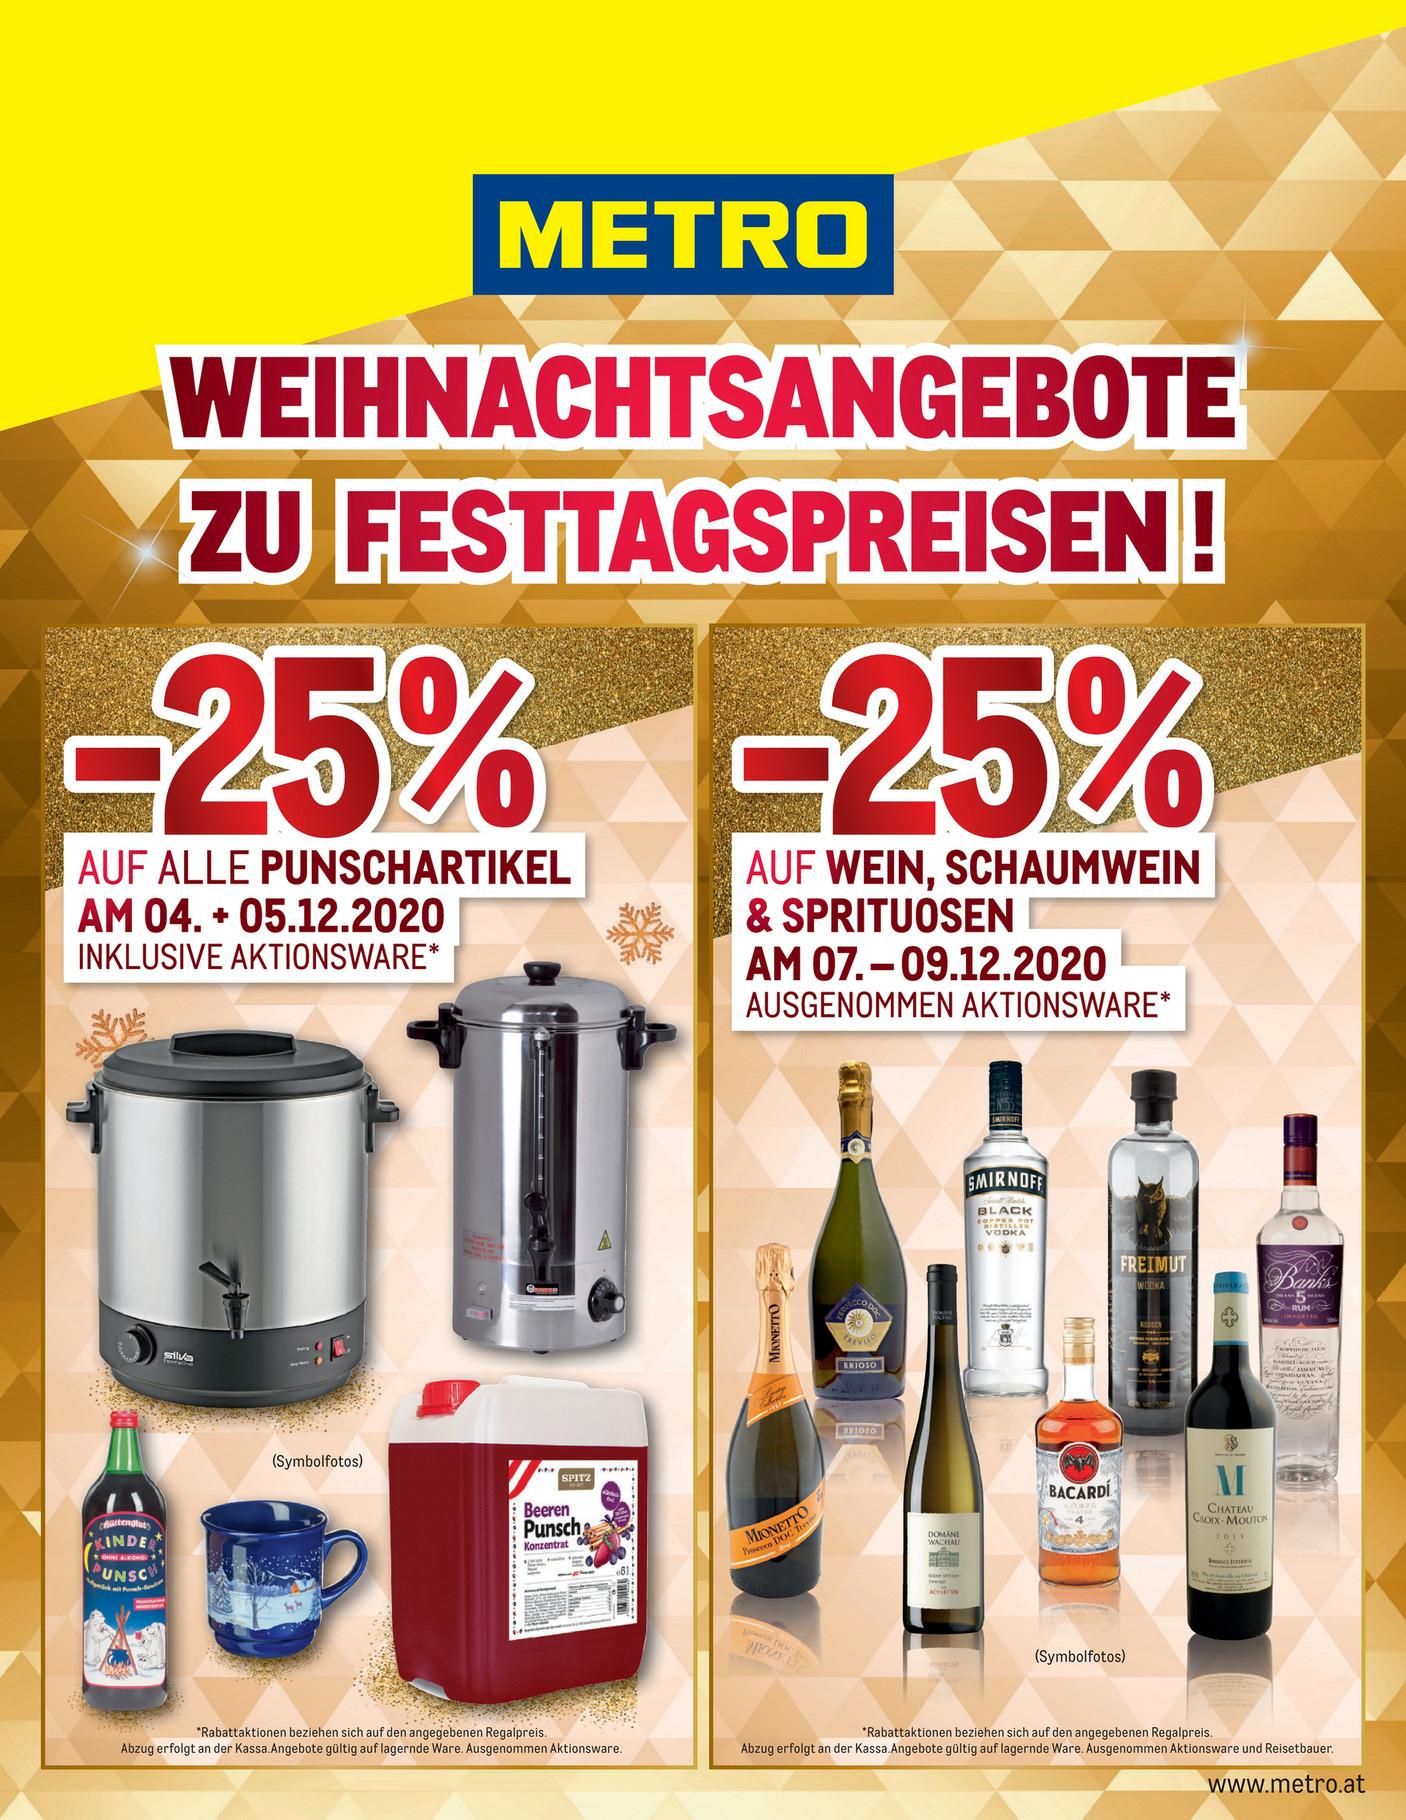 [Metro] 25% auf alle Punschartikel am 4. & 5.12. & 25% auf Wein usw am 7.-9.12